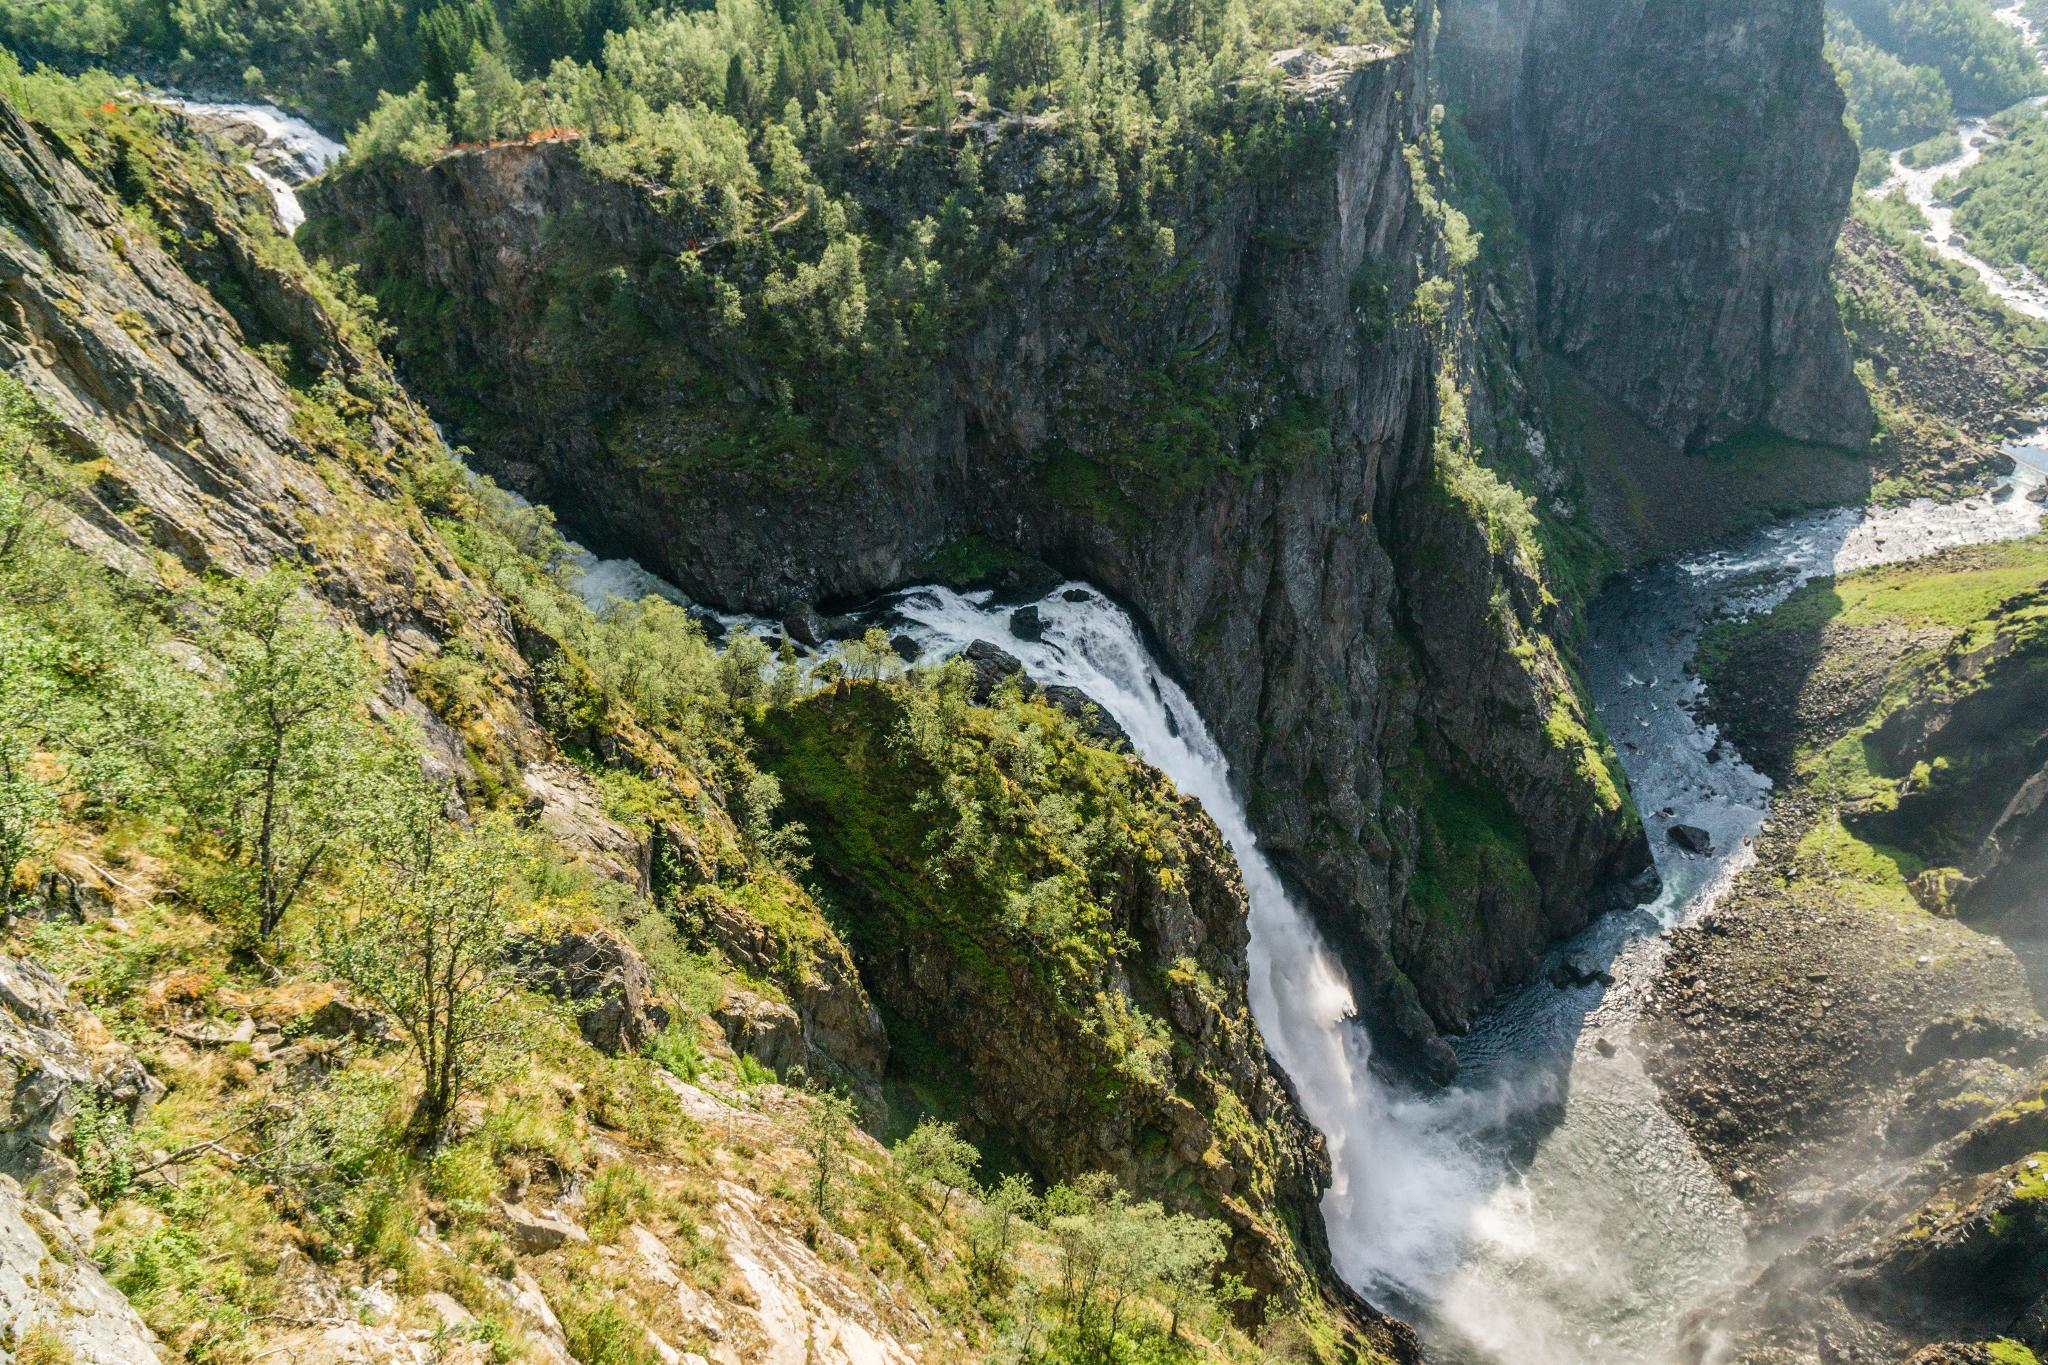 【北歐景點】哈丹格峽灣探秘:史詩般磅礴的菲爾鈴瀑布 Vøringfossen 31